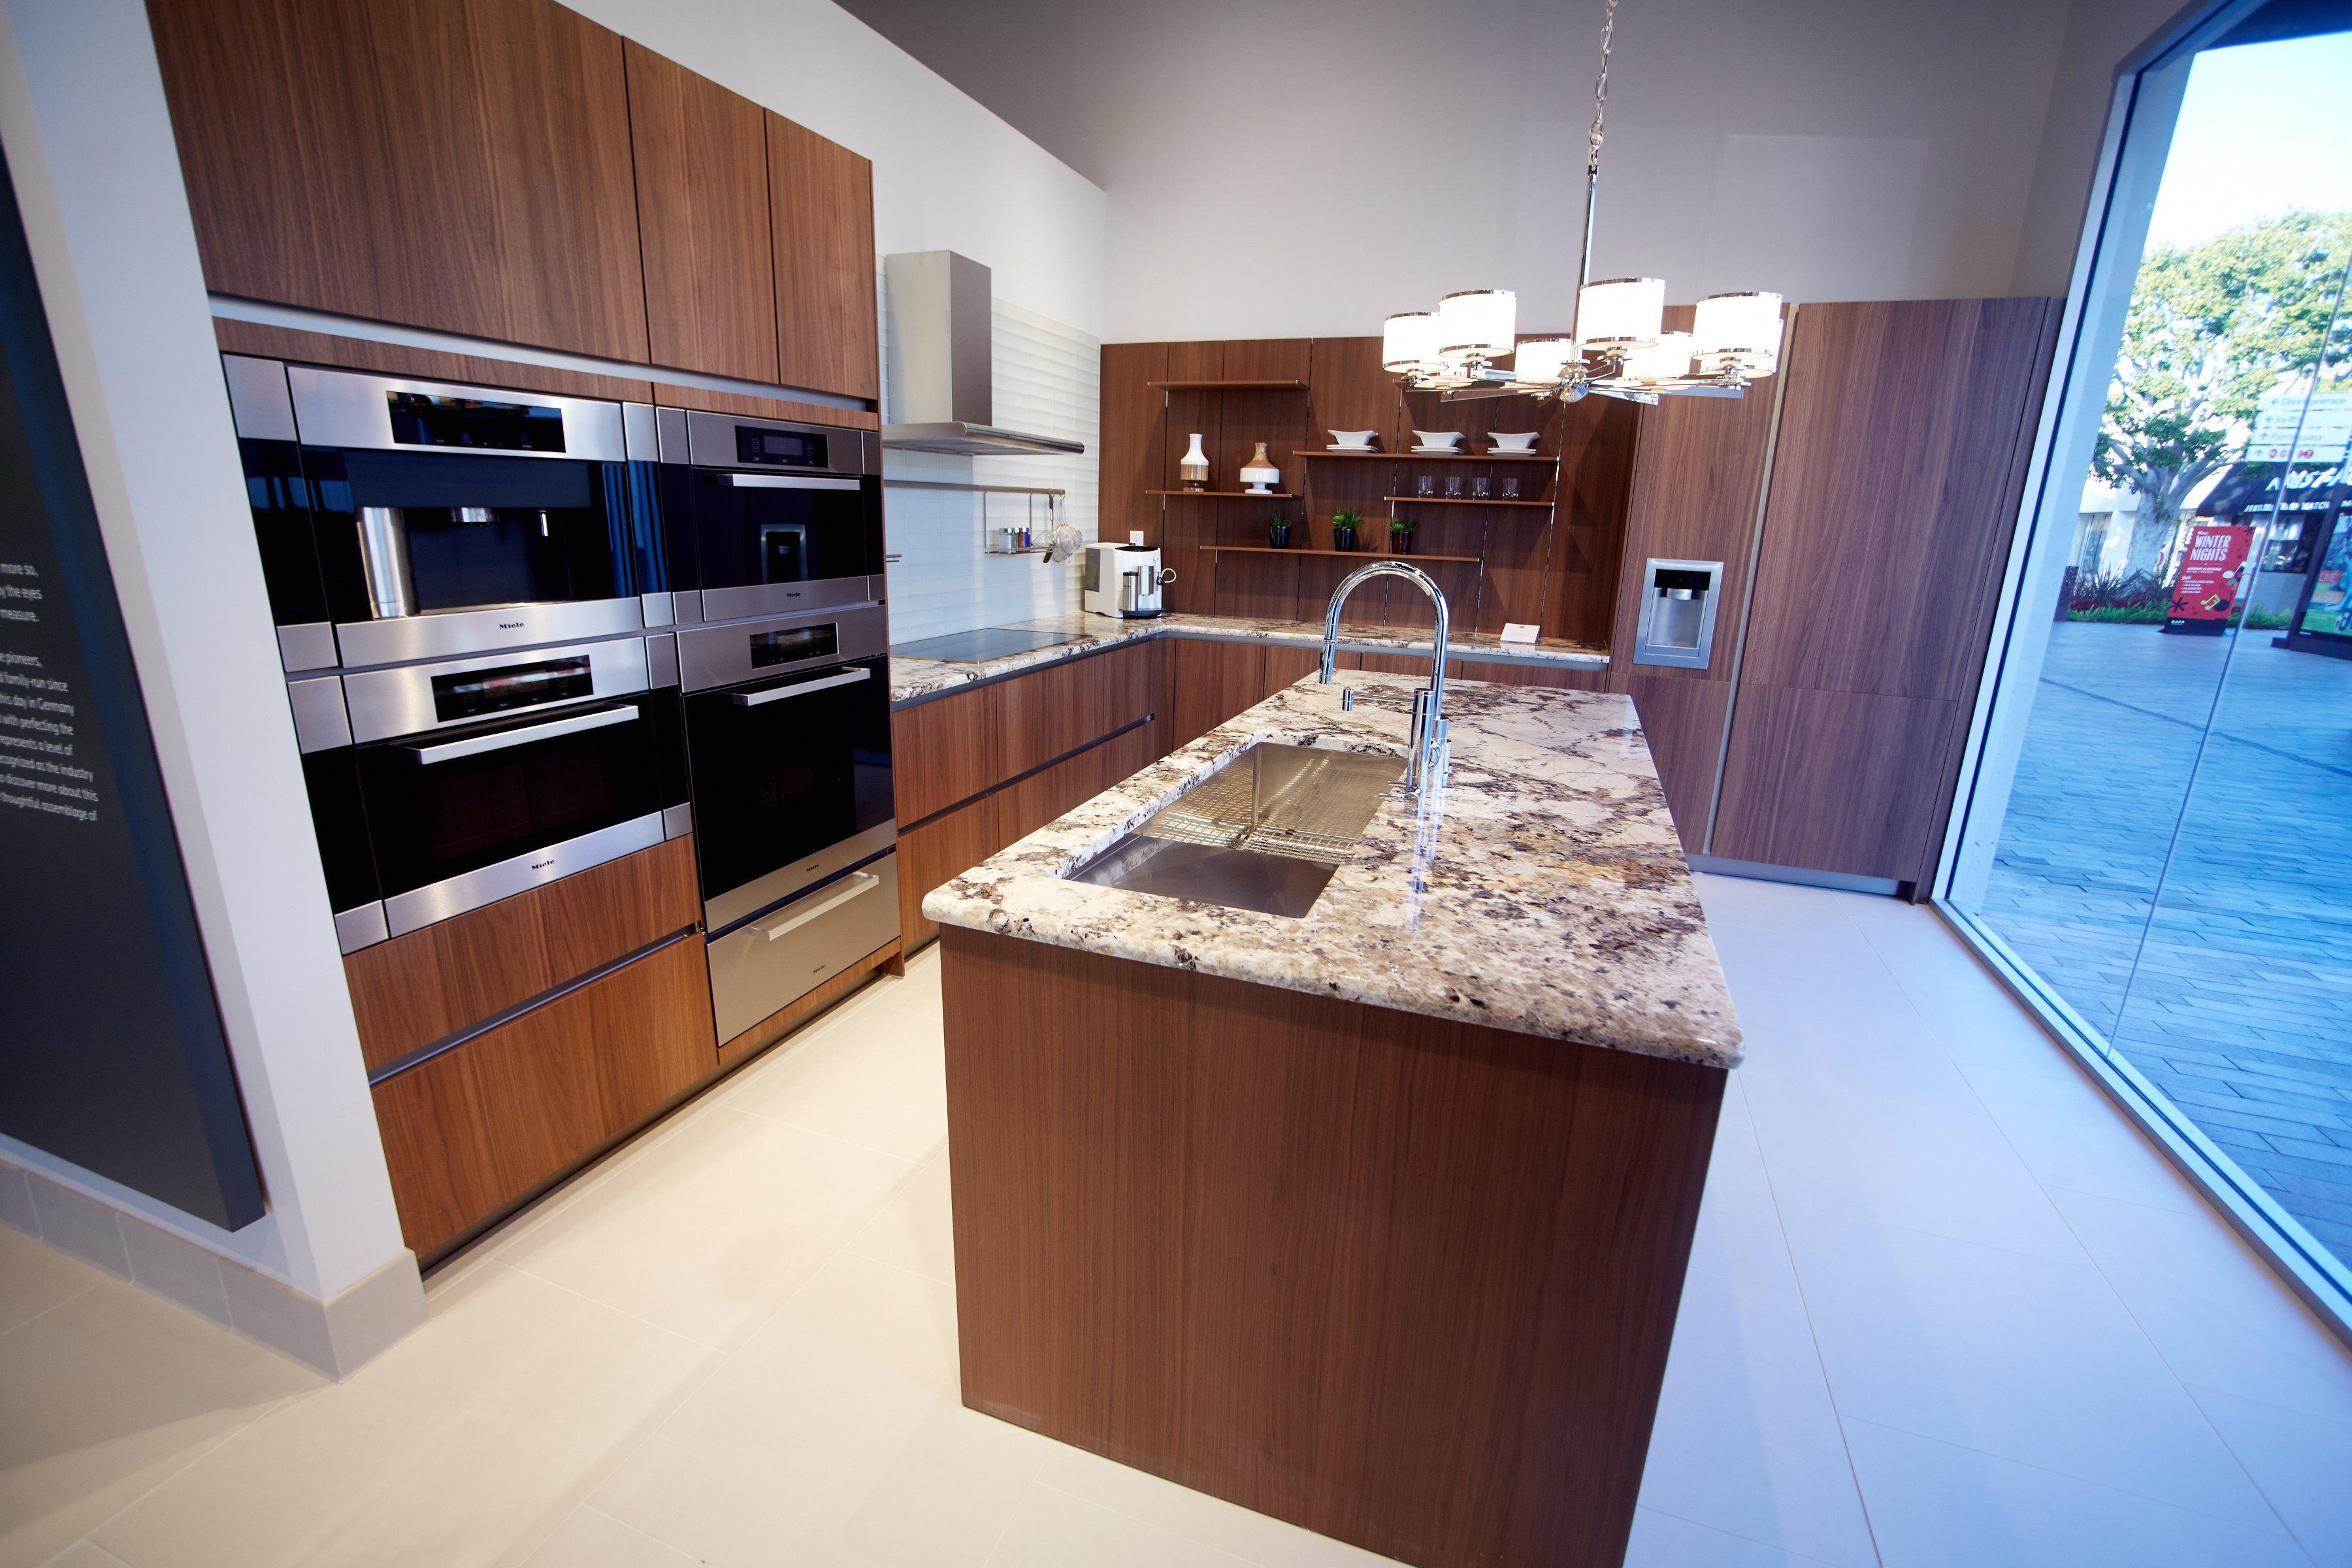 Kitchen Design Pirch Utc  Pirch San Diego  Pinterest  Kitchen Captivating Kitchen Designers San Diego 2018